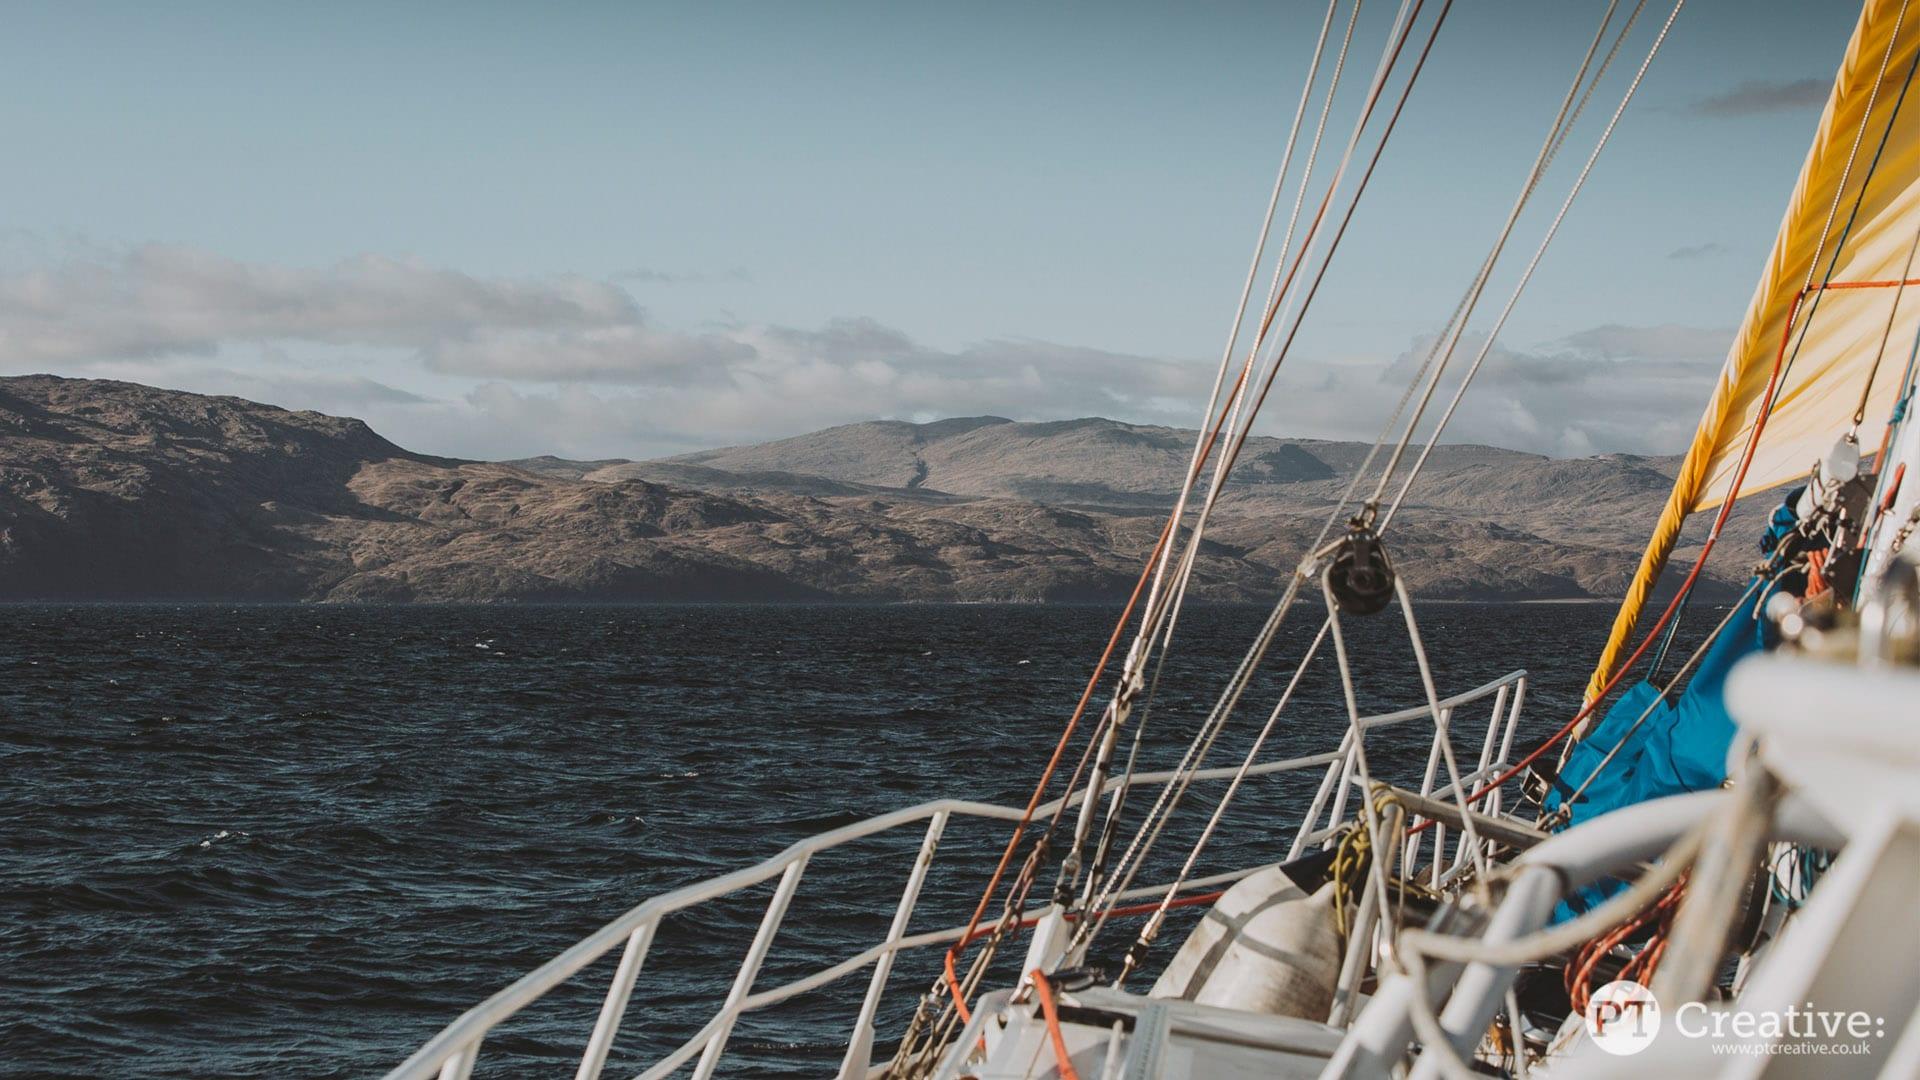 Trek and sail zuza scotland